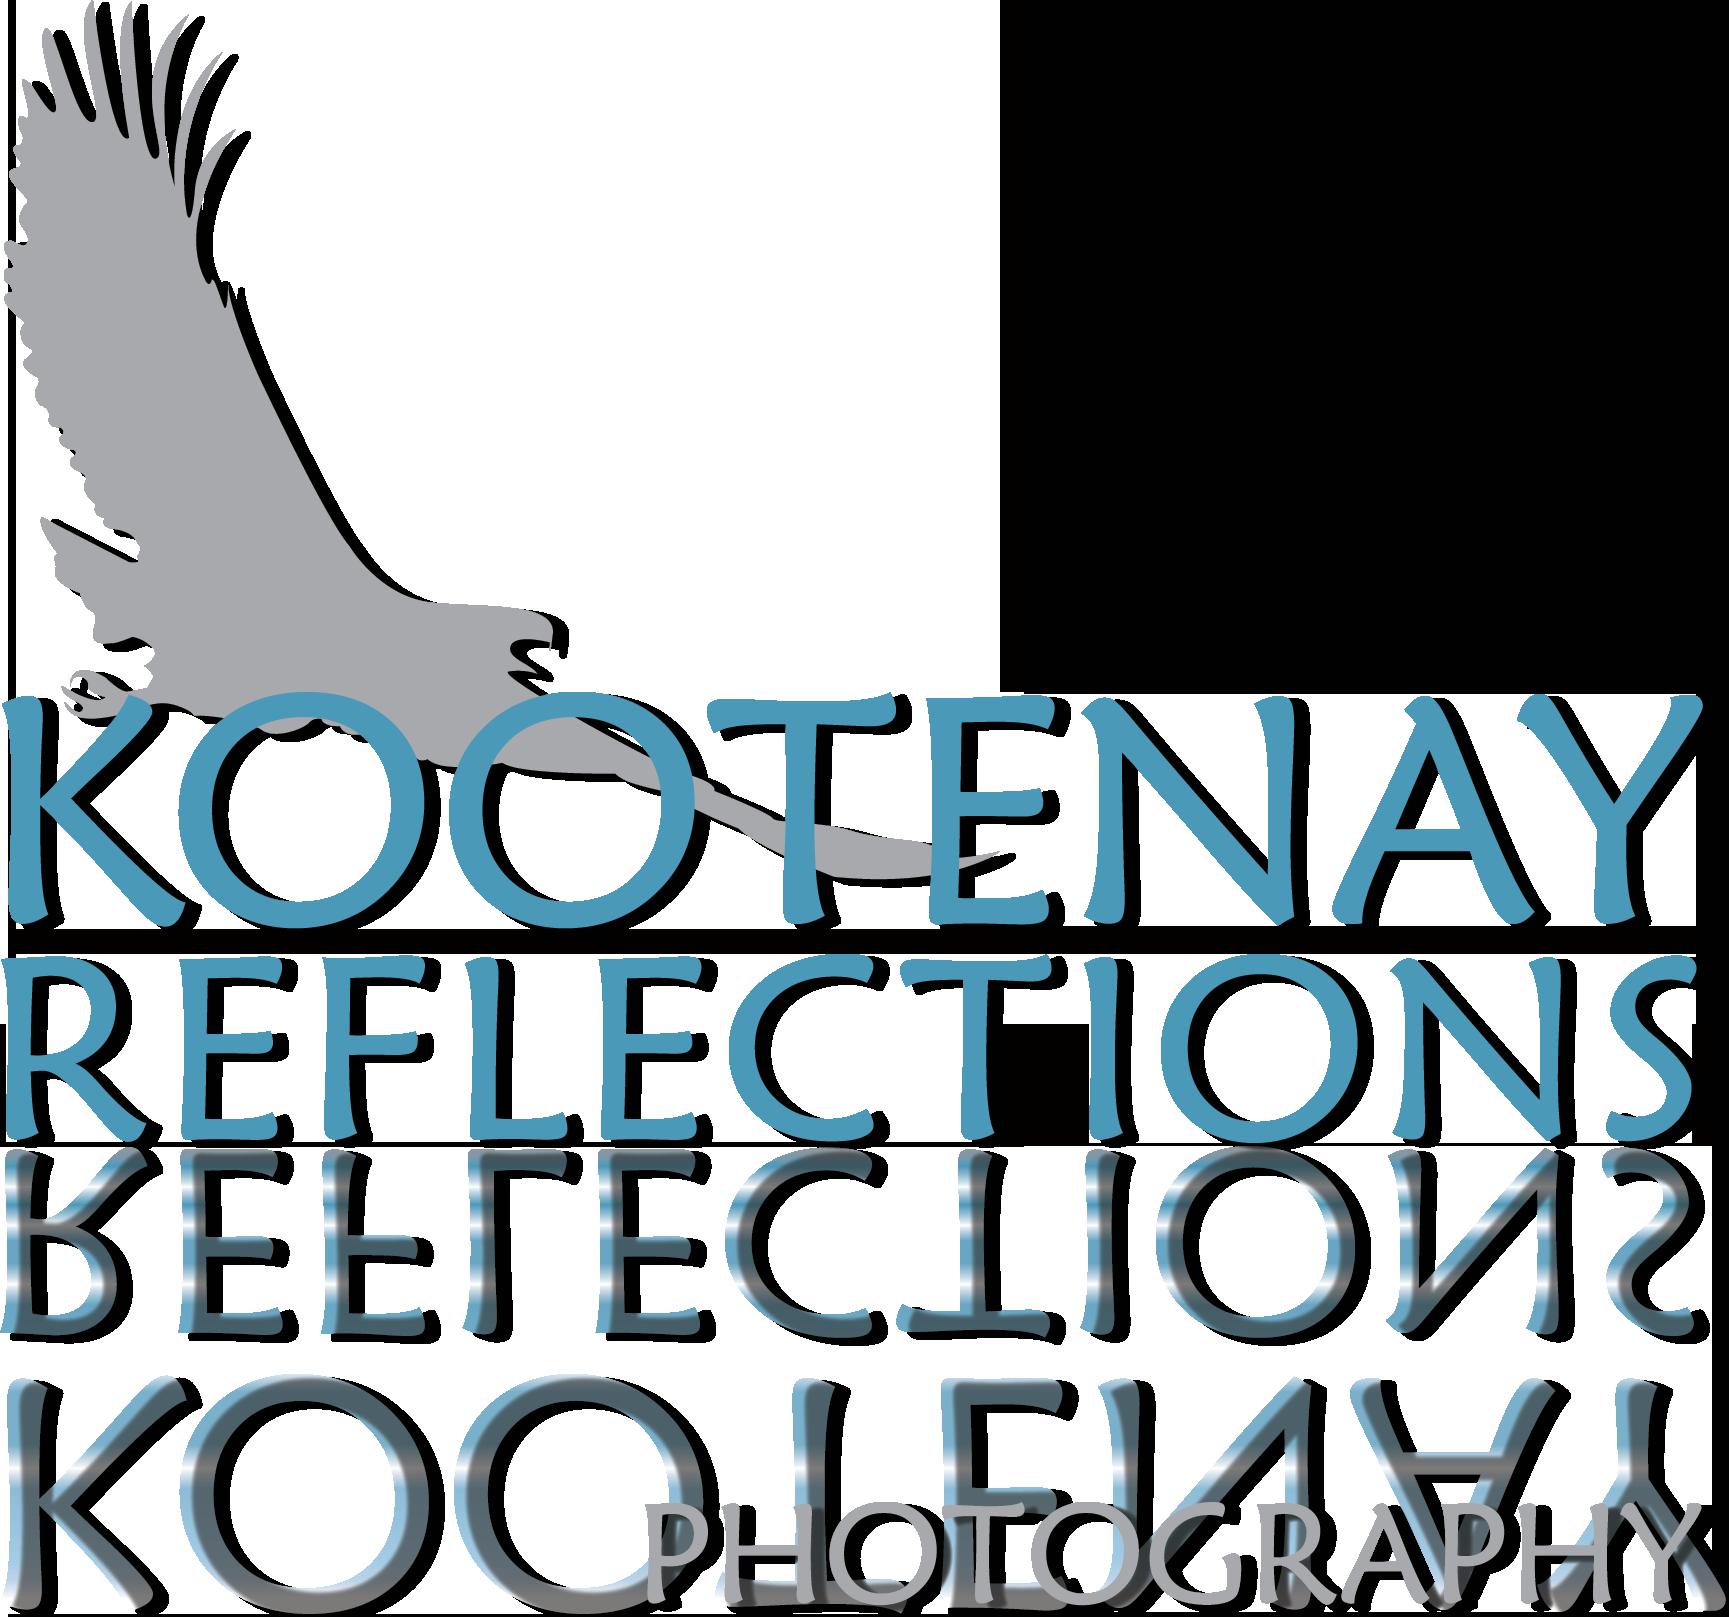 Kootenay Reflections